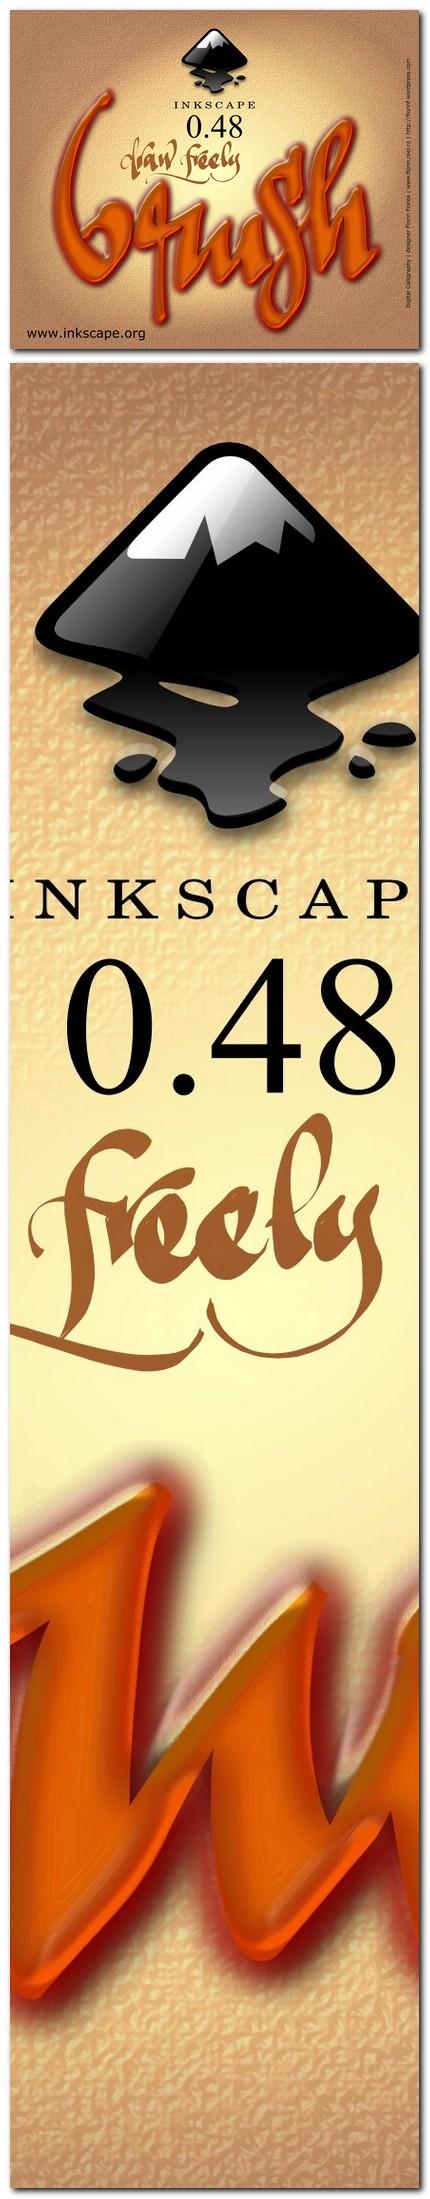 """02 ecran """"About Inkscape"""" trimis la concurs - florinf"""